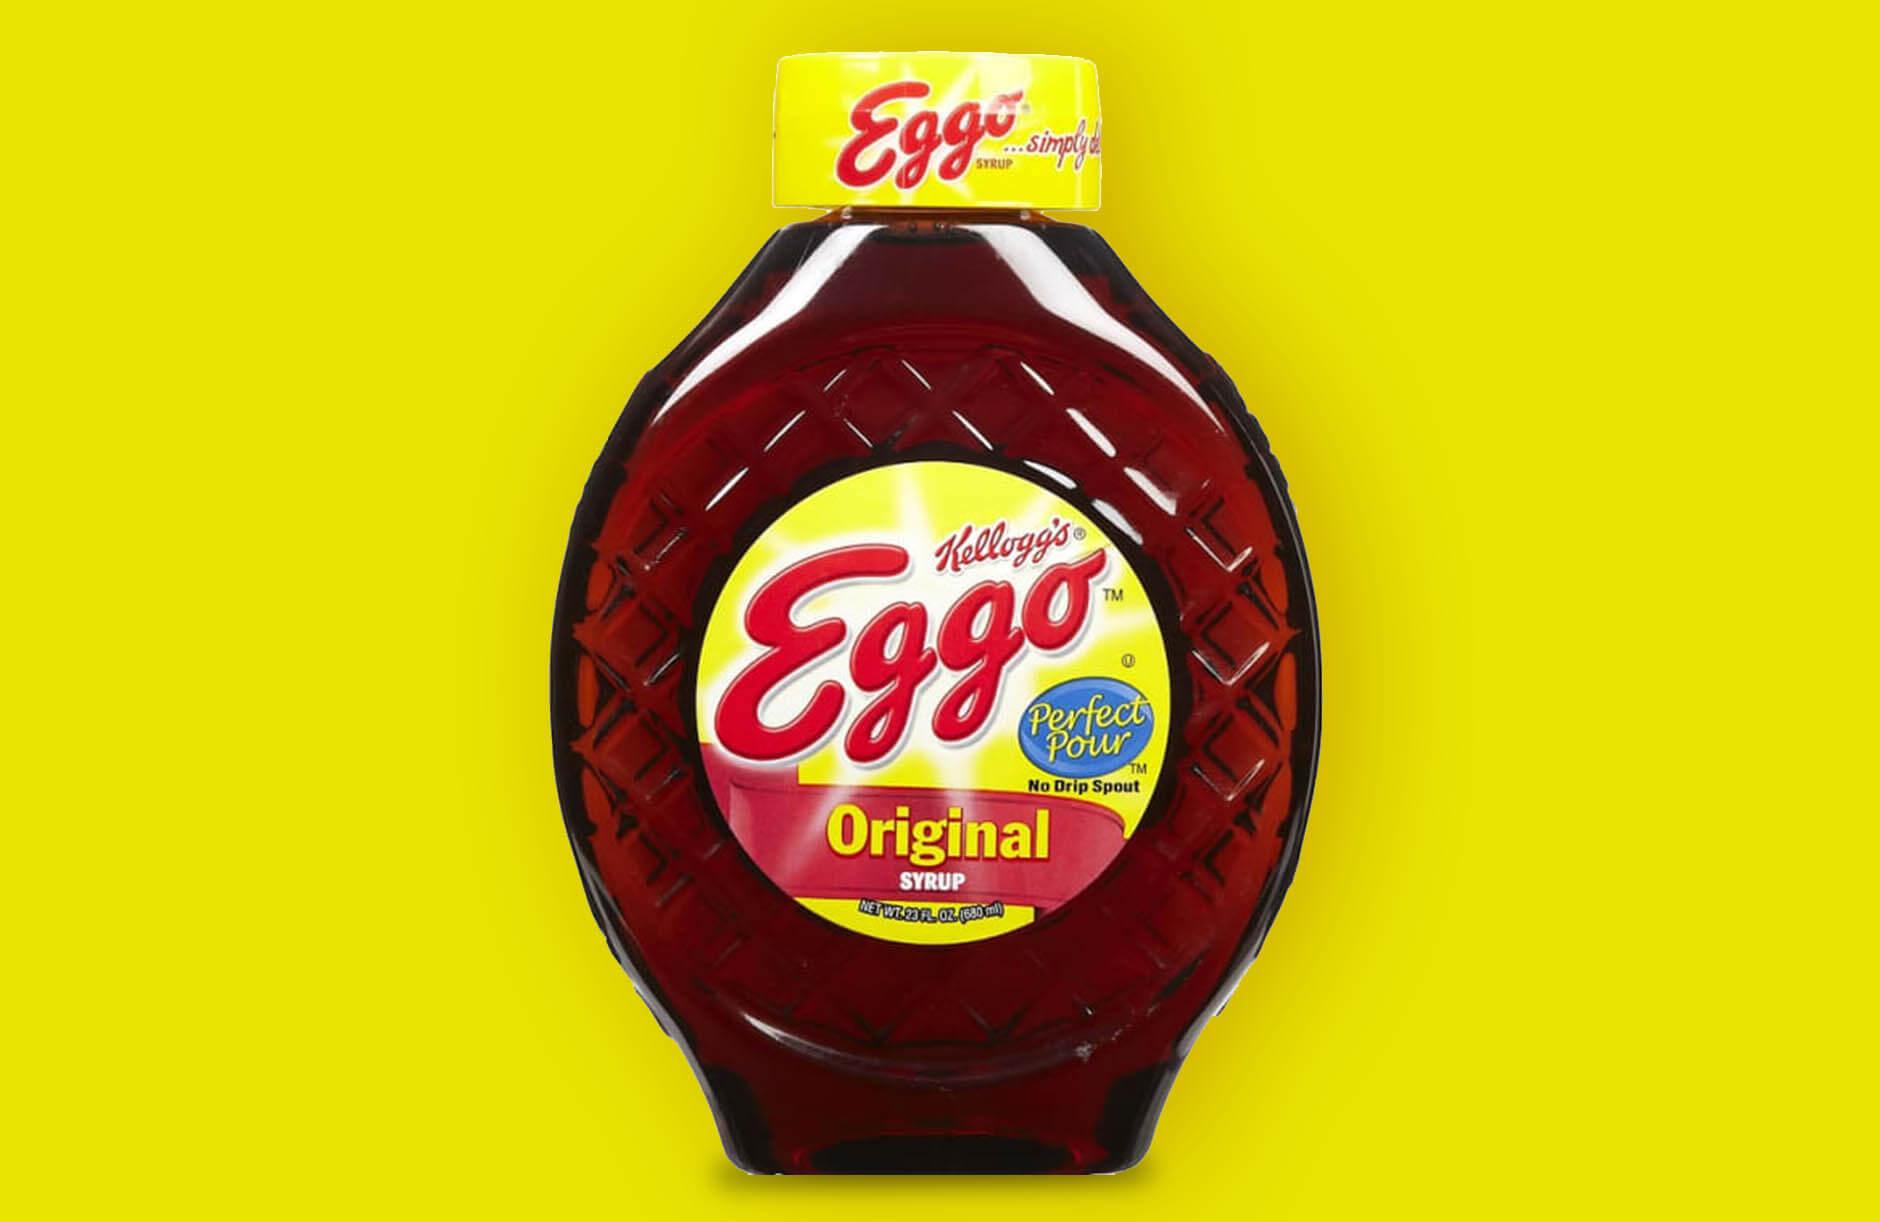 Kellogg's Syrup